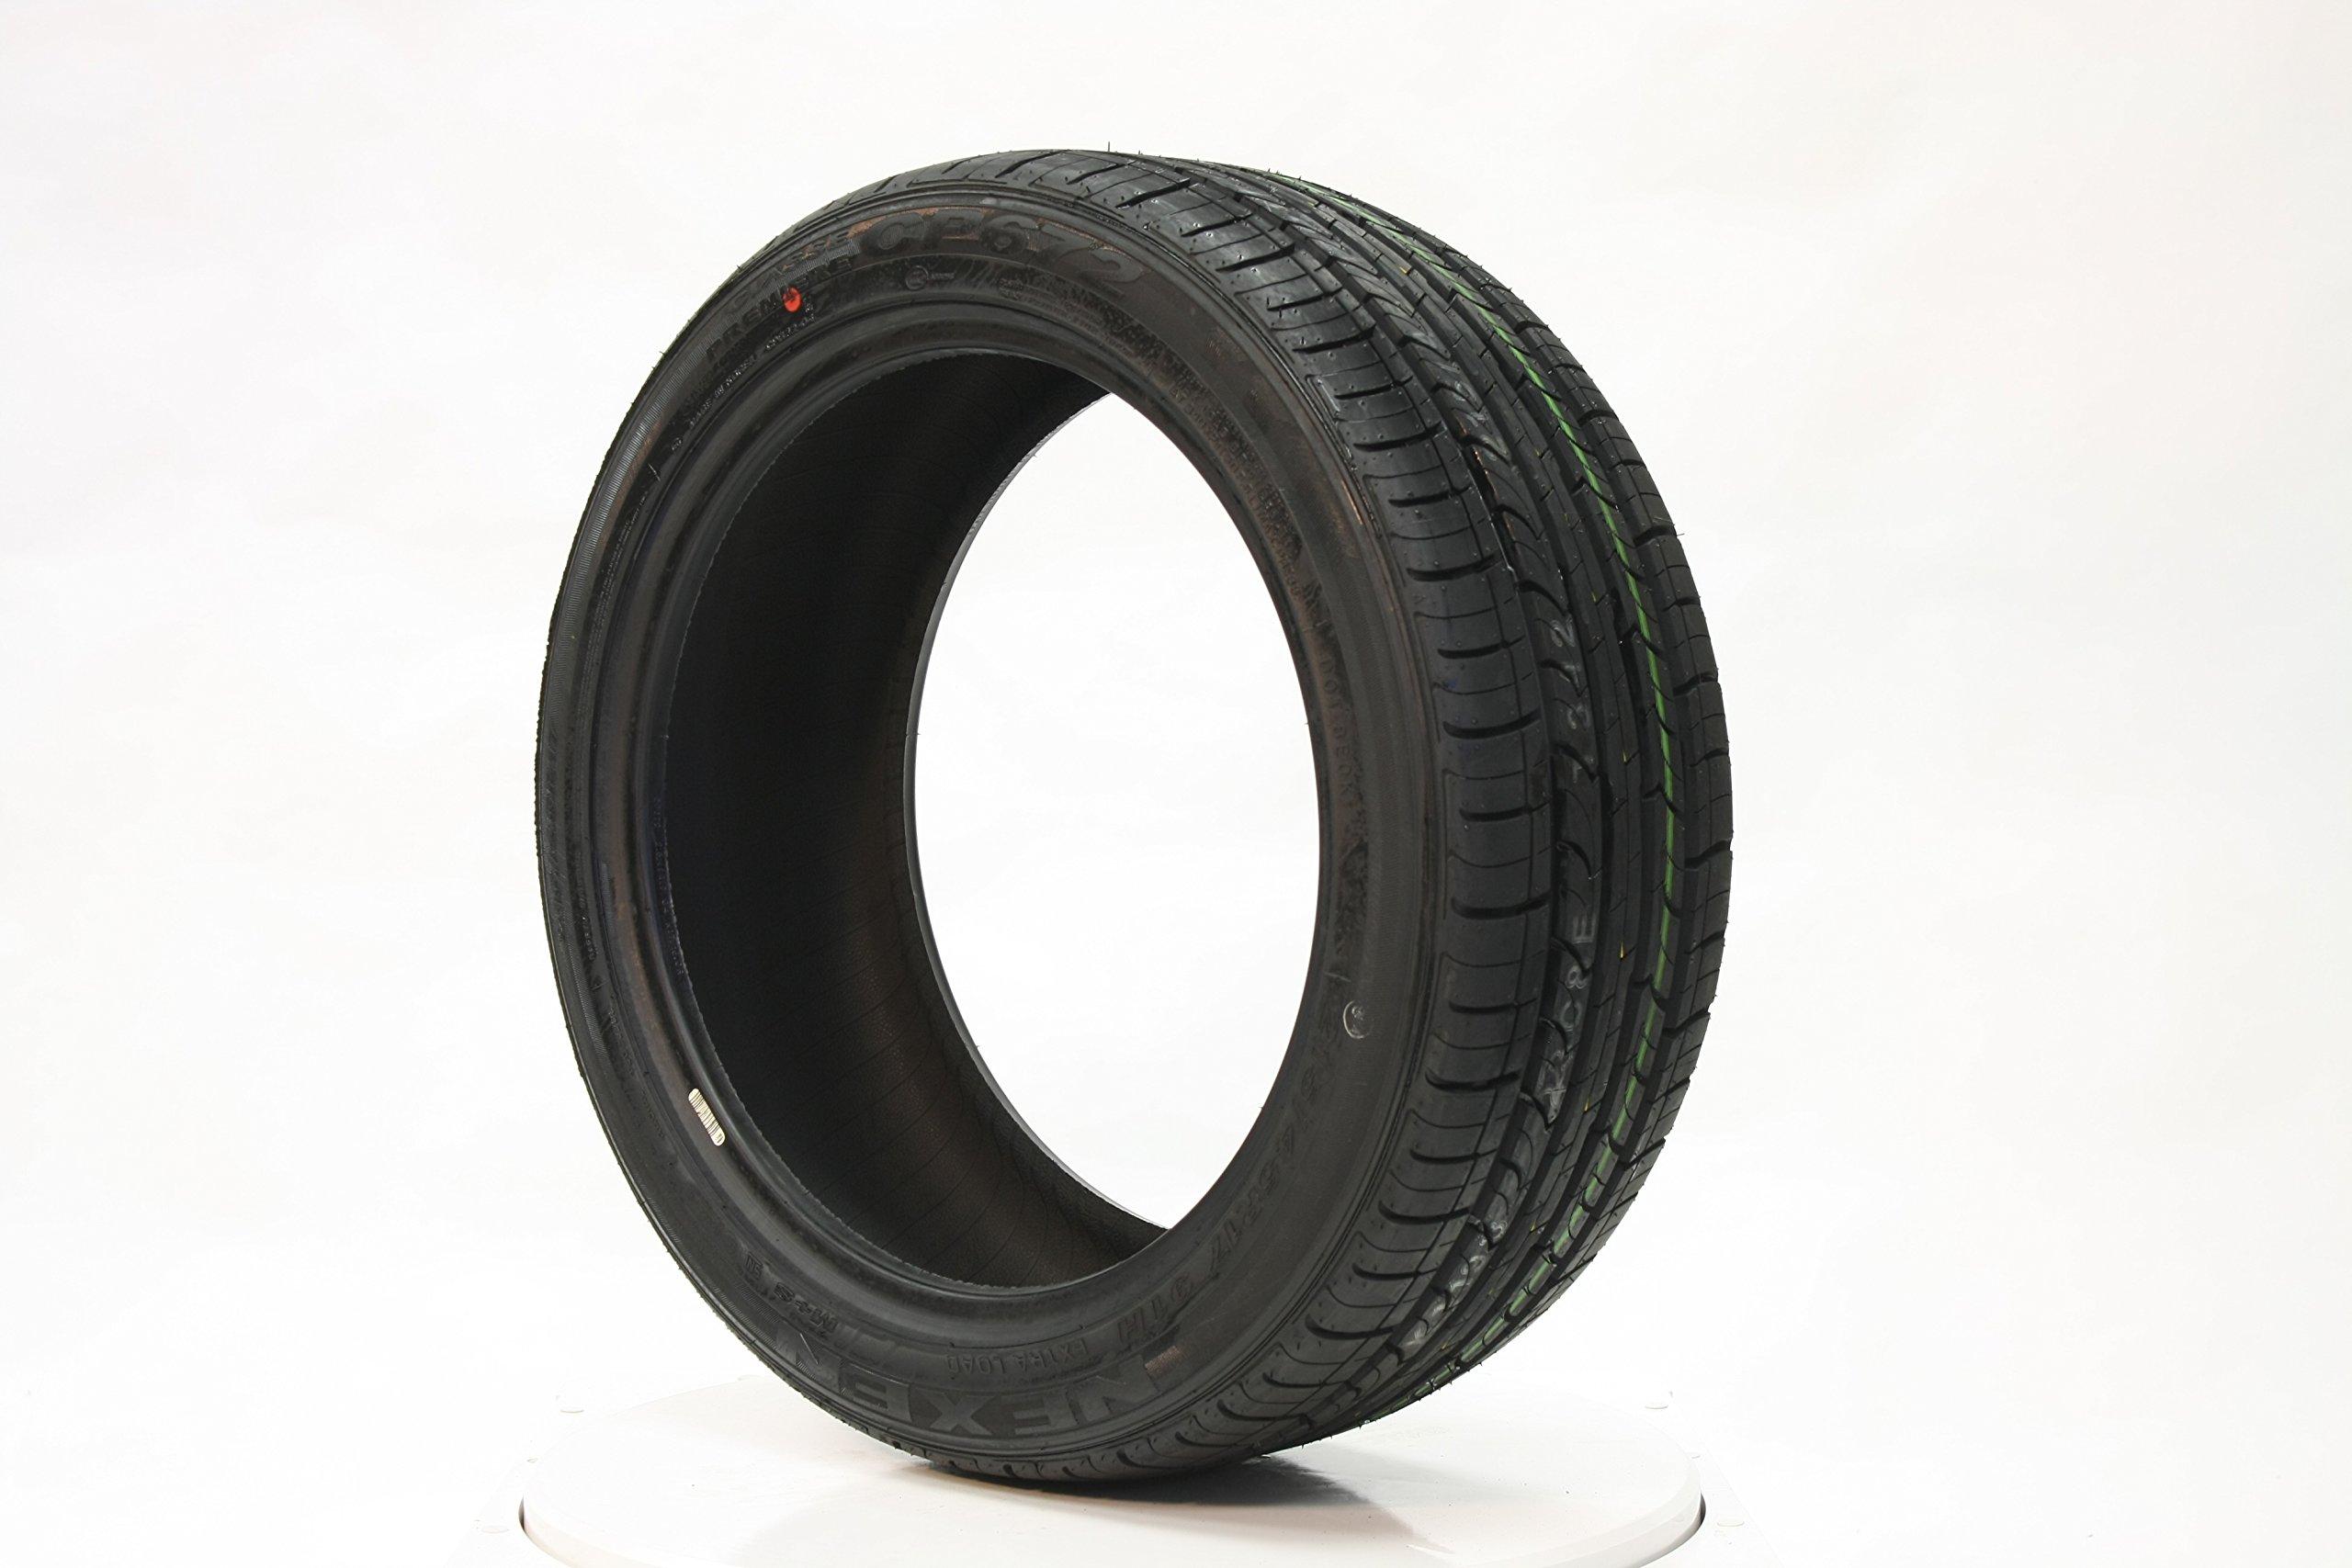 Nexen CP672 Touring Radial Tire - 215/45R18 93H